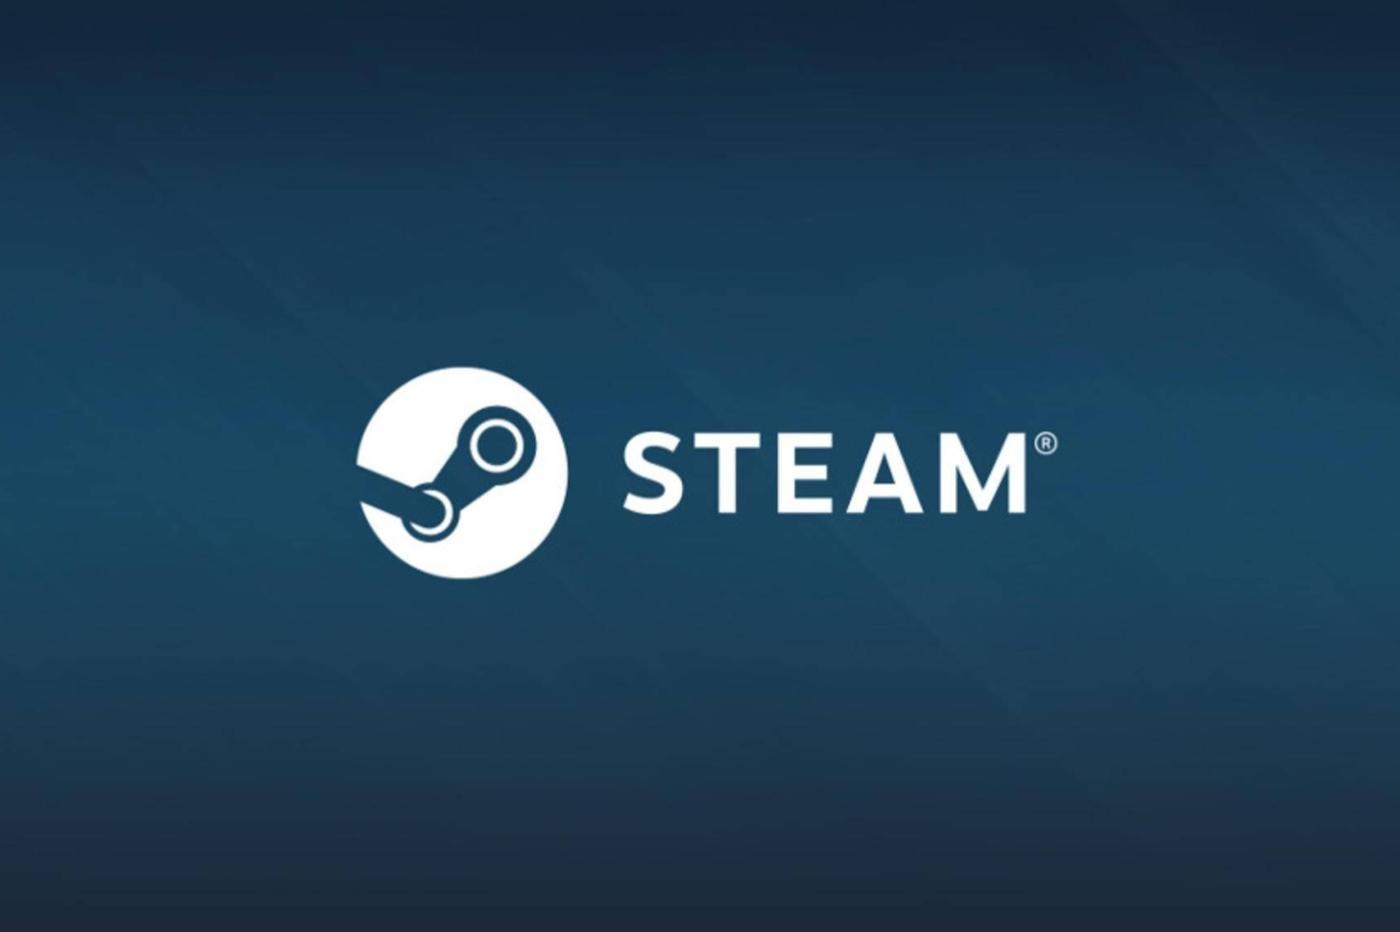 Steam next fest Valve